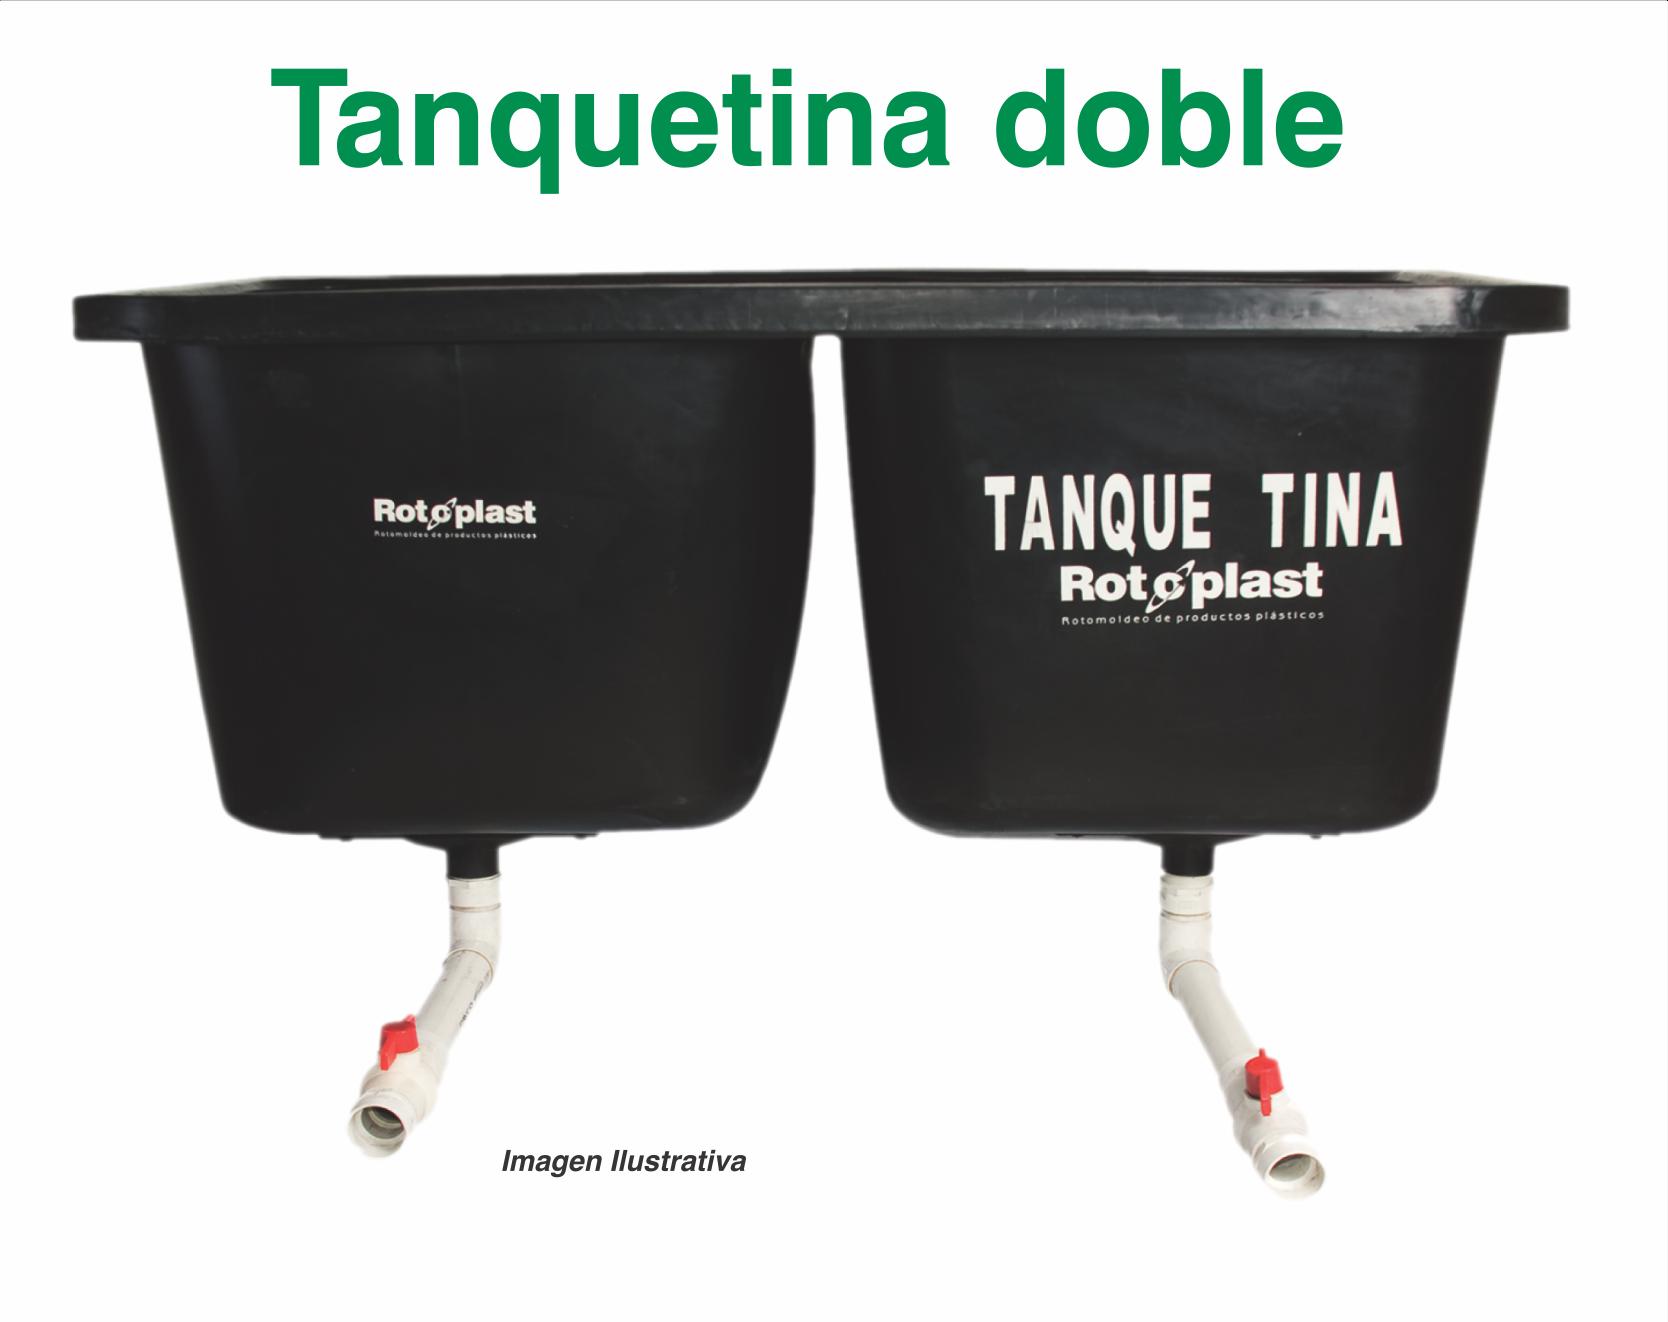 Tanque tinas dobles para lavar caf%c3%a9 rotoplast